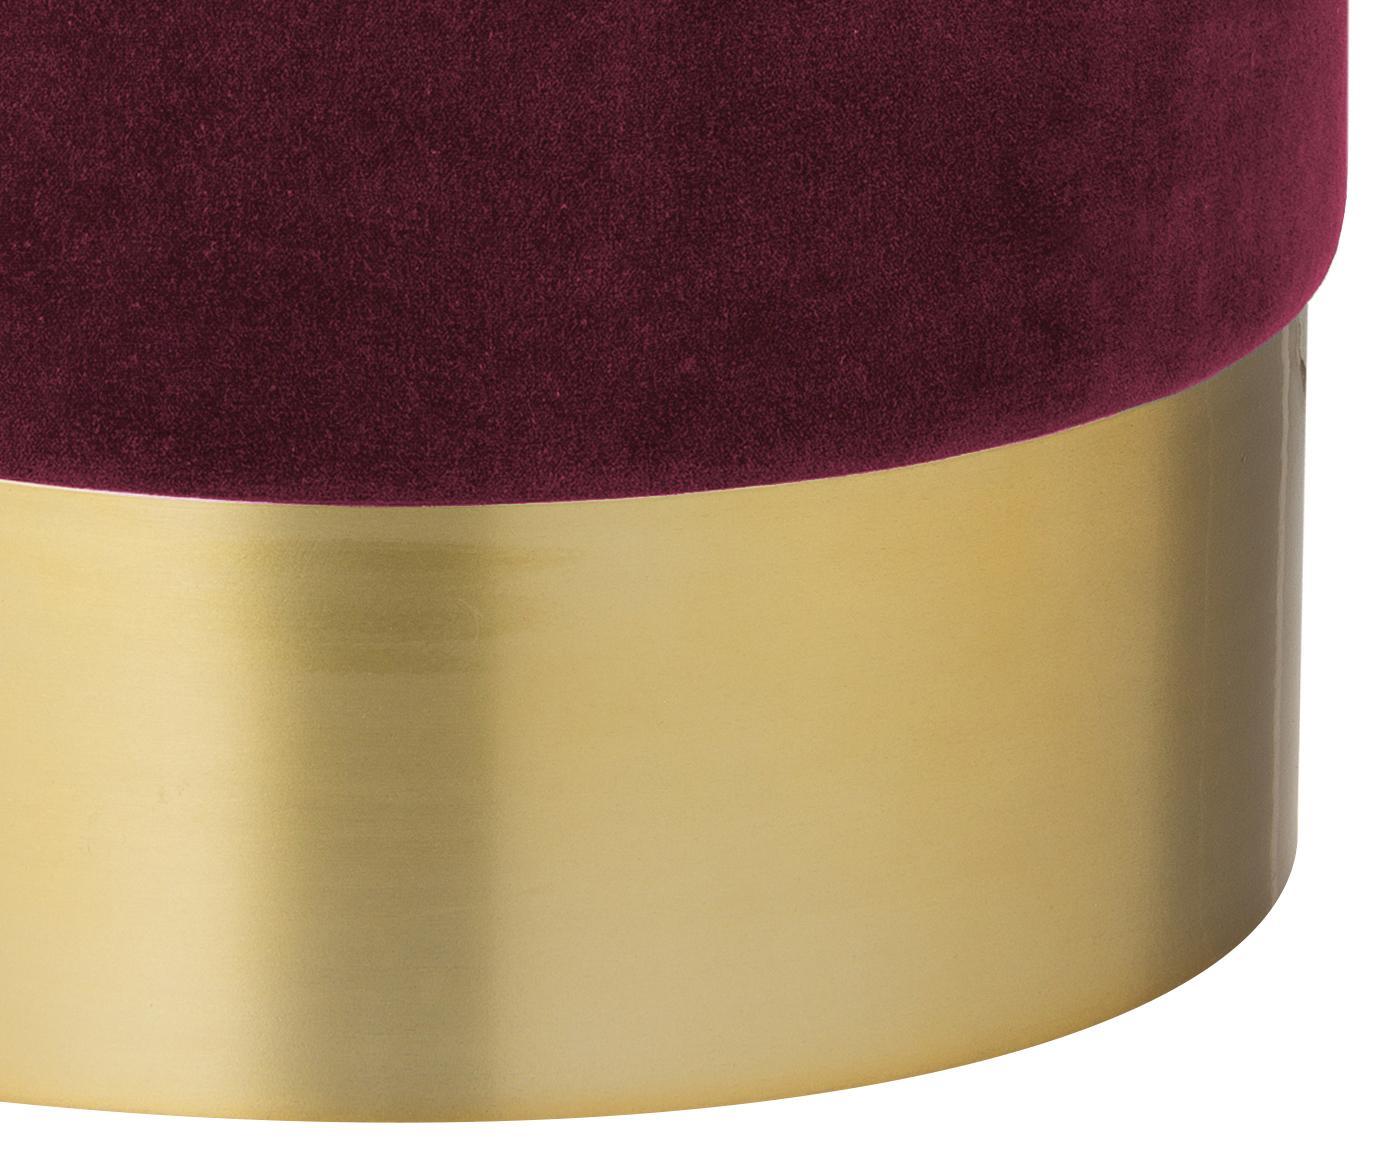 Samt-Hocker Harlow, Bezug: Baumwollsamt, Fuß: Eisen, pulverbeschichtet, Dunkelrot, Goldfarben, Ø 38 x H 42 cm